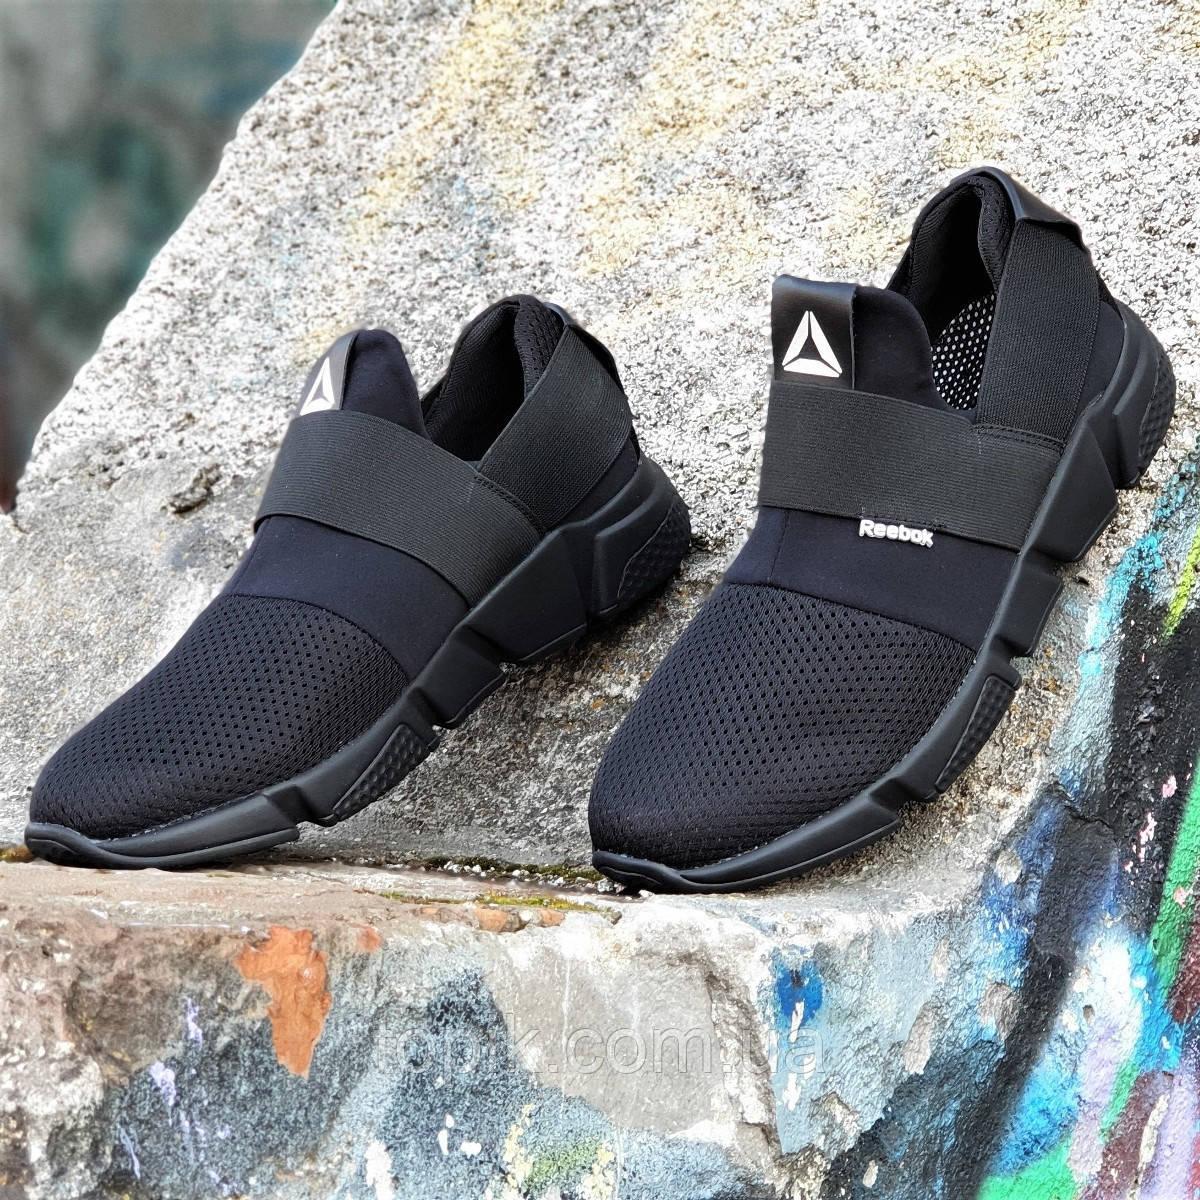 Стильные мужские кроссовки сетка черные, прочные и удобные, на весну лето, резинки для фиксации (Код: 1365а)